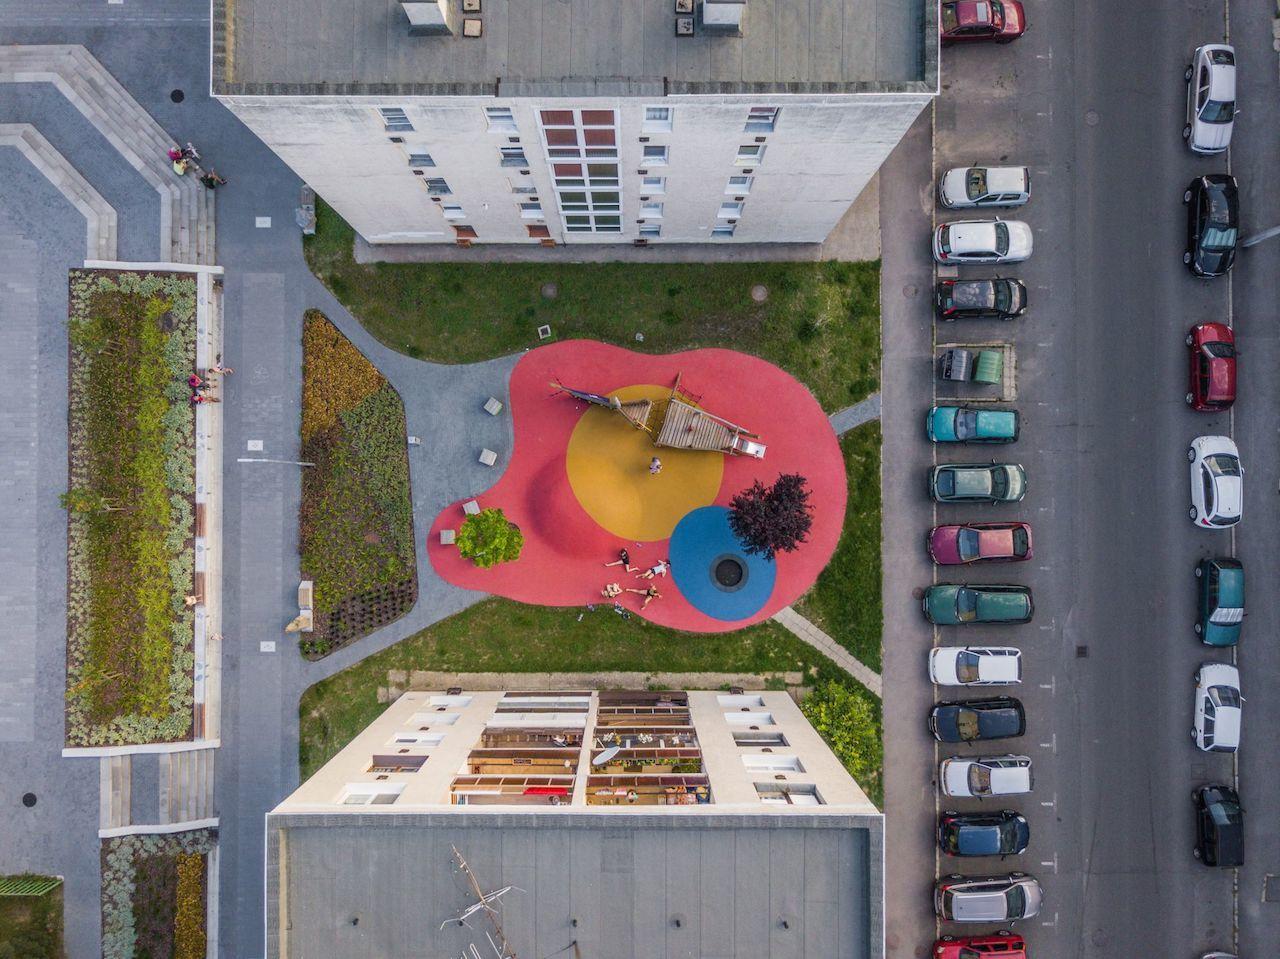 Panelből mintaóvoda, szabadkőműves luxusszálló az év legjobb magyar építészeti projektjei között 6